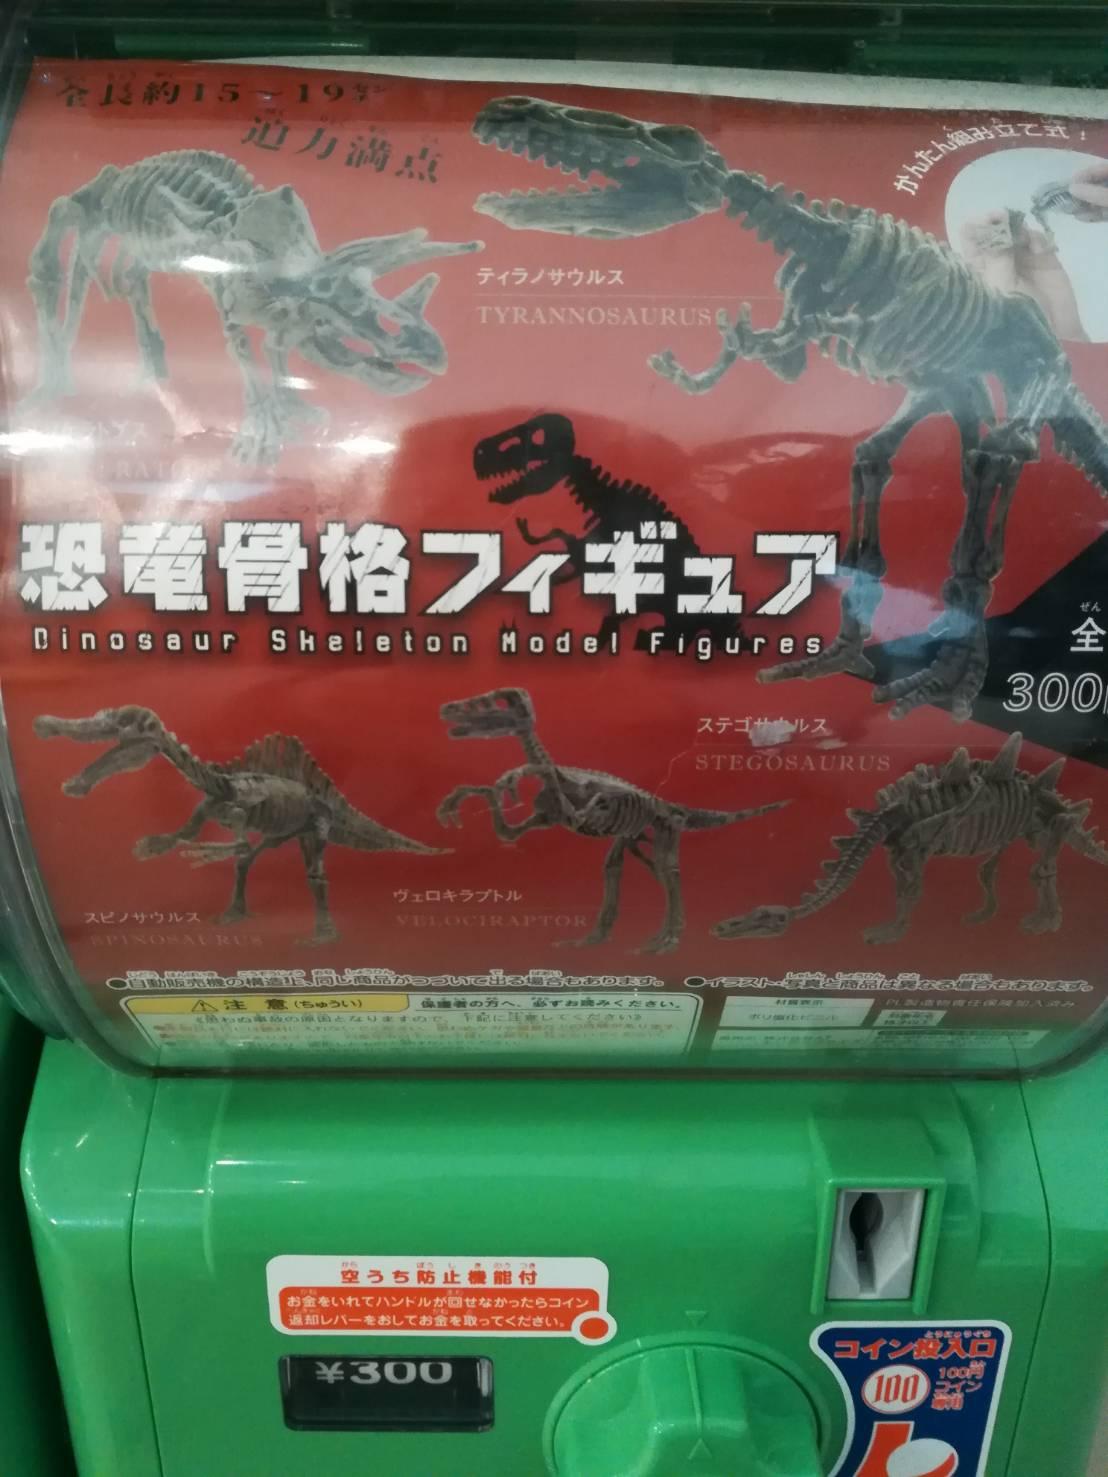 恐竜骨格フィギュア